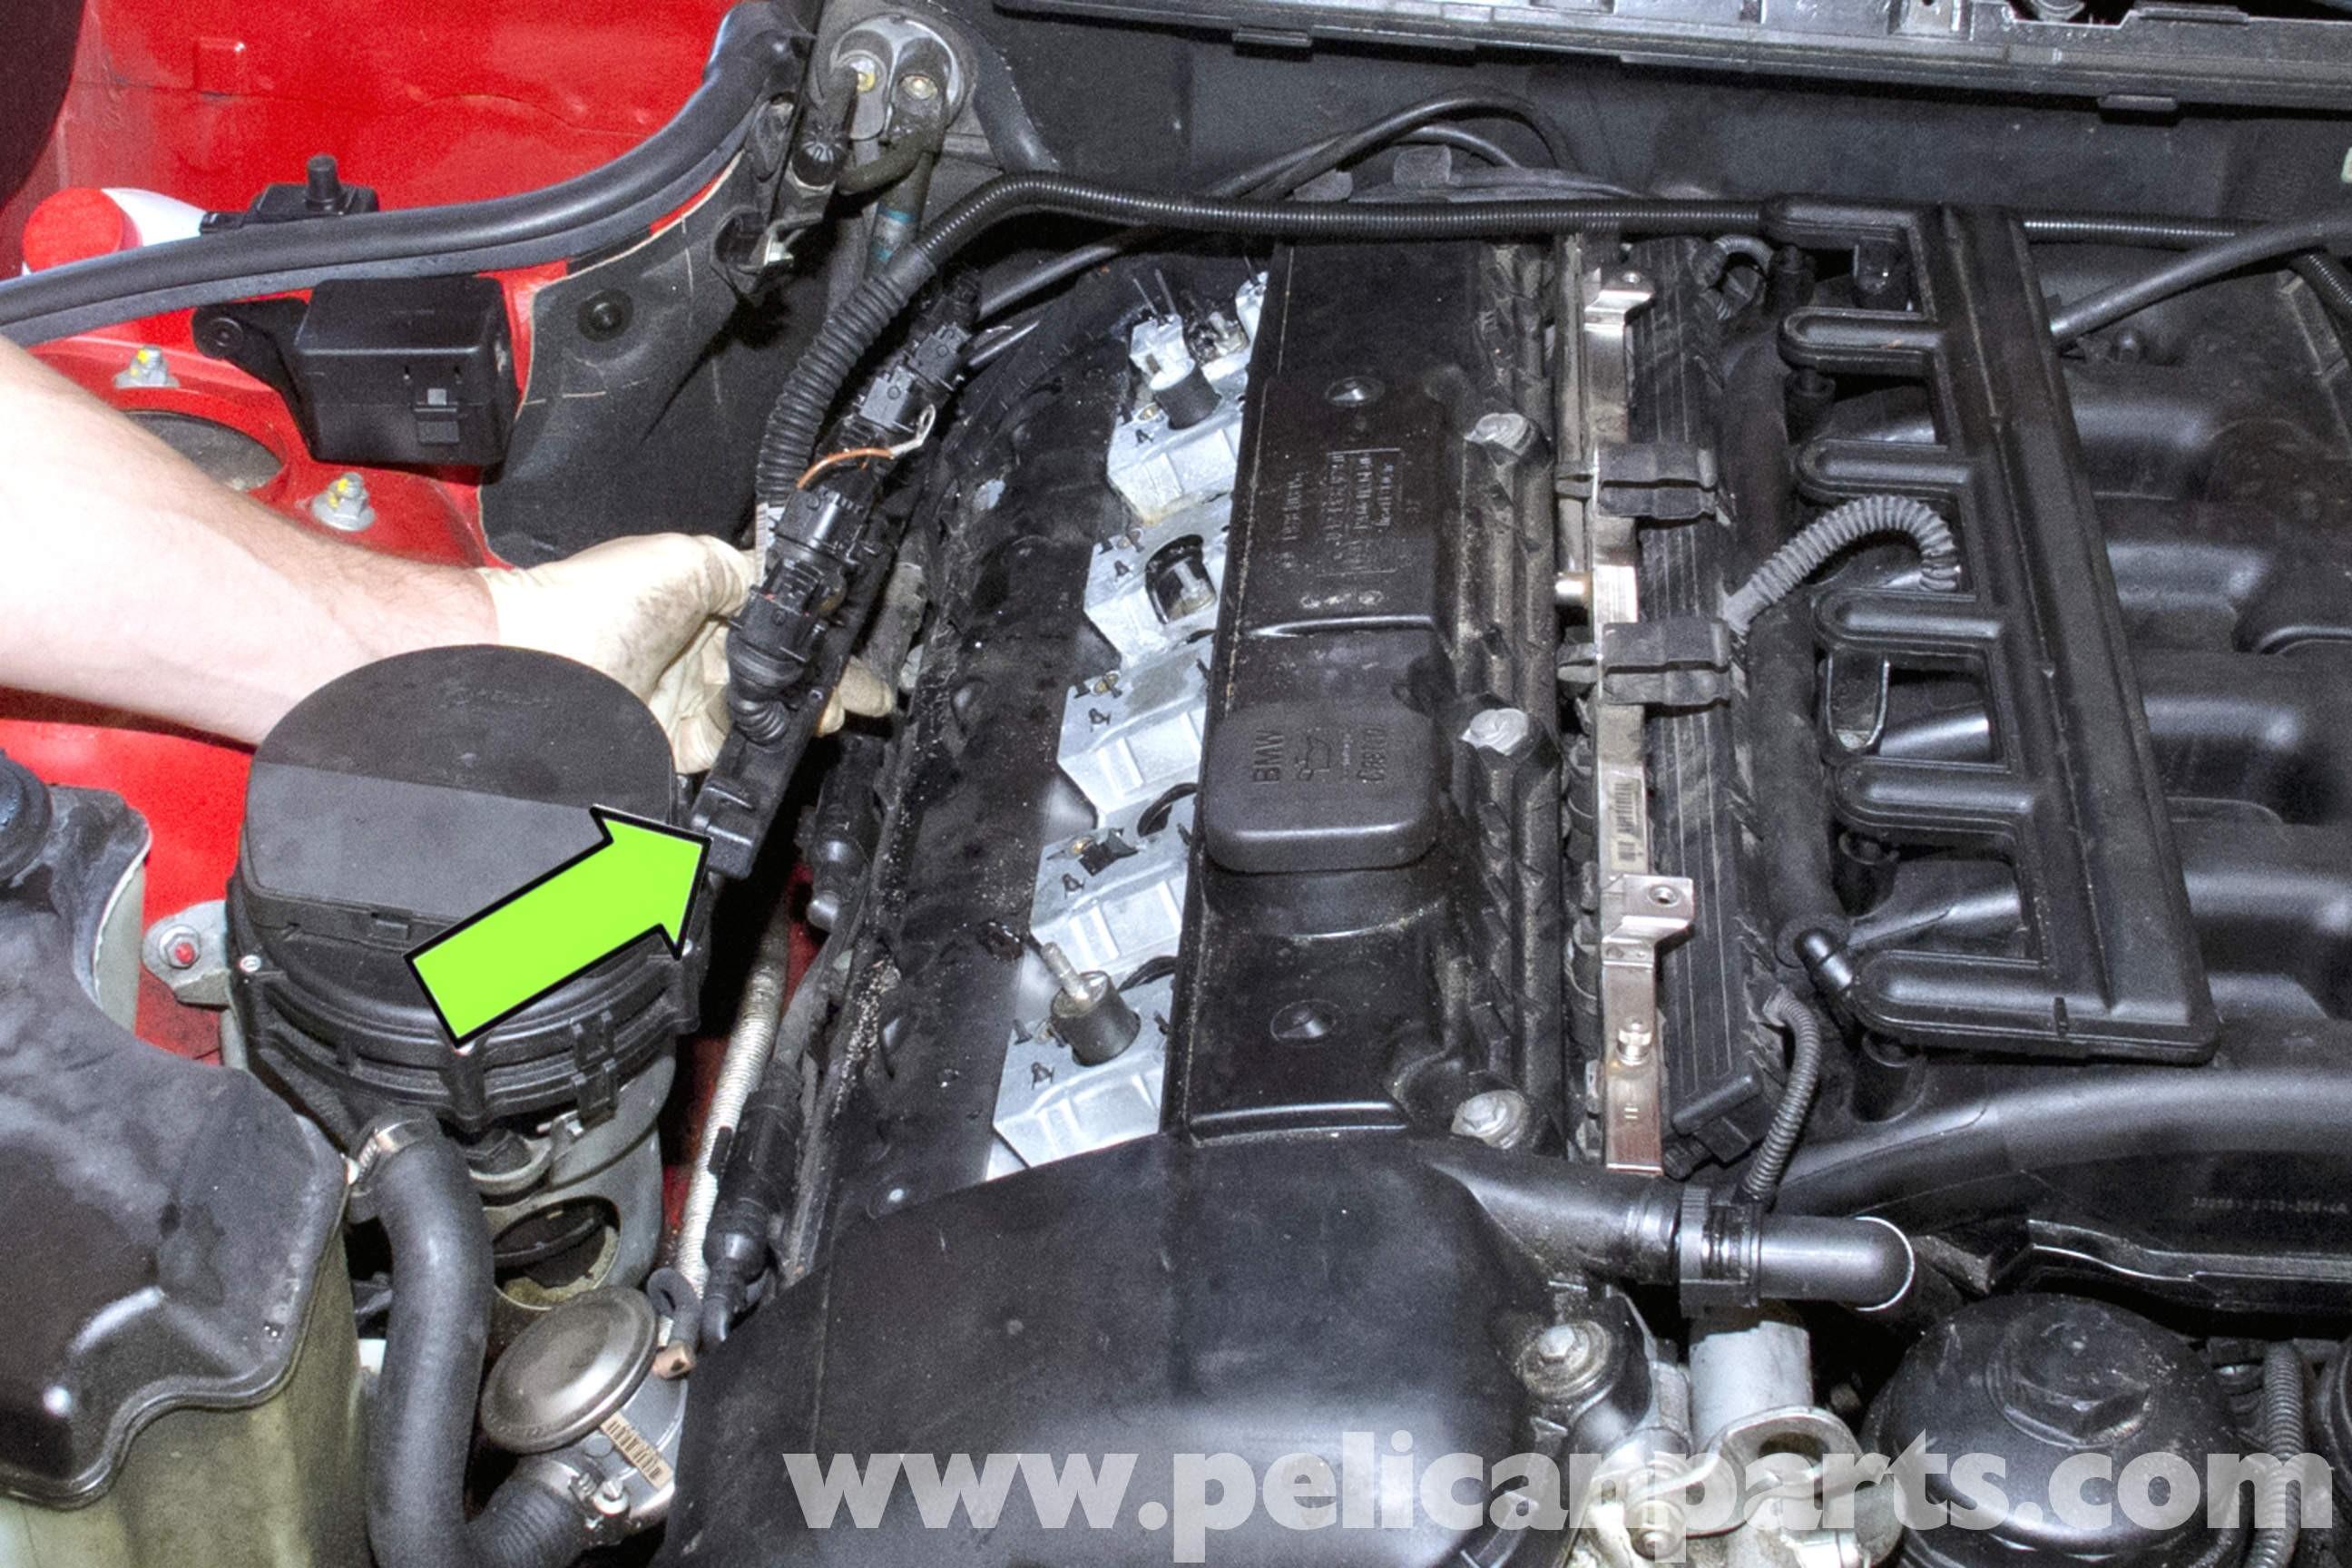 1999 Bmw 328i Engine Diagram Starter Removal 325 330 530 E46 Valve Cover Of